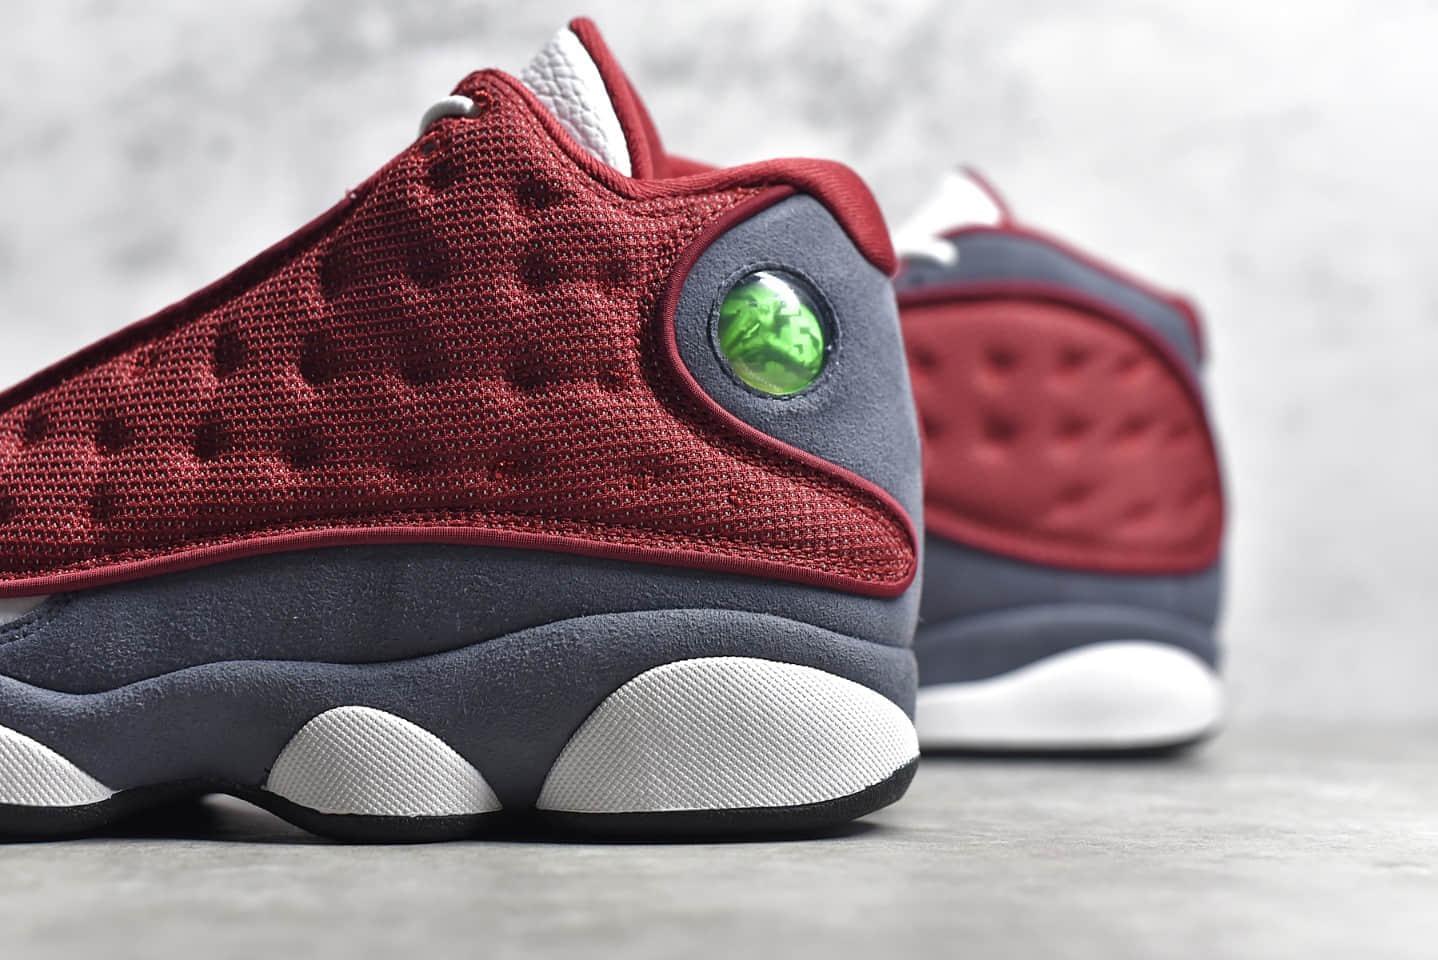 """AJ13白色酒红高质感球鞋 Air Jordan 13 """"Red Flint"""" AJ13头层荔枝皮纯原版本 货号:414571-600-潮流者之家"""